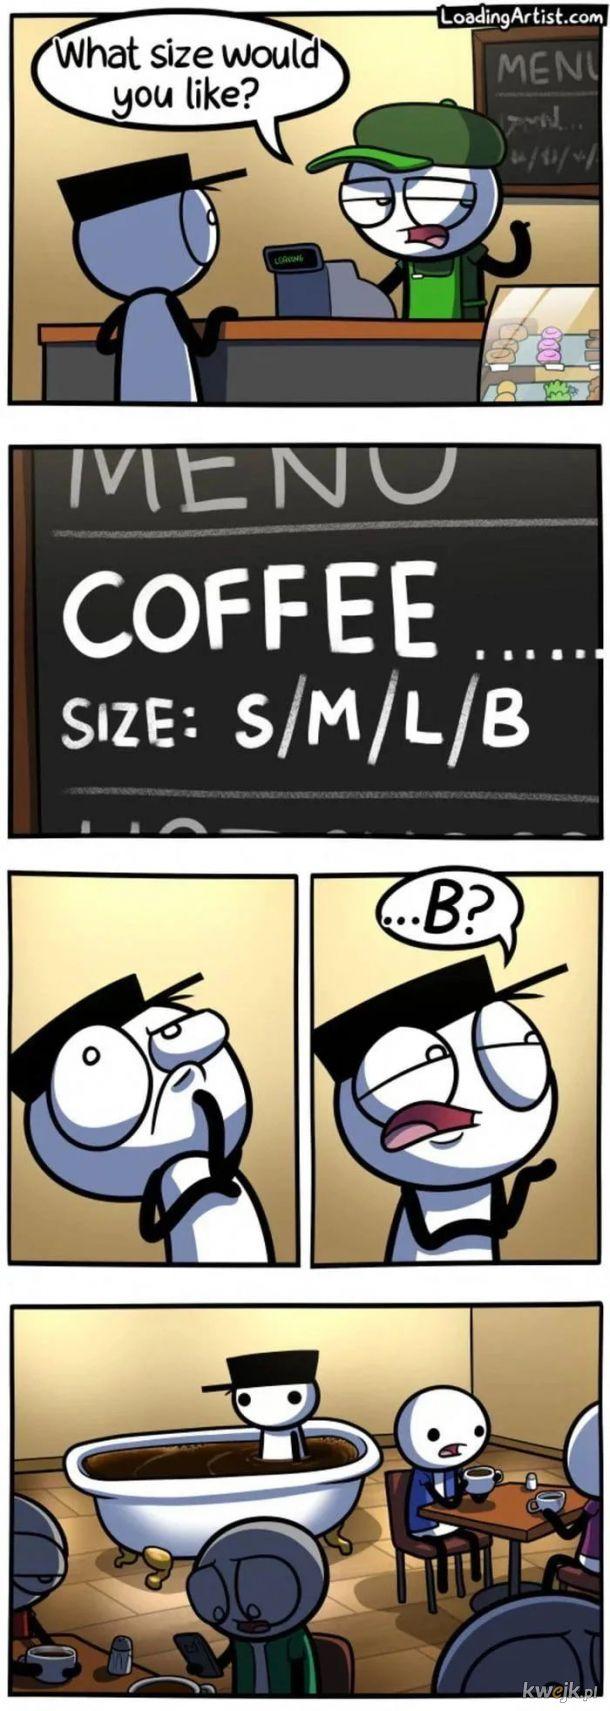 Pysznej kawusi